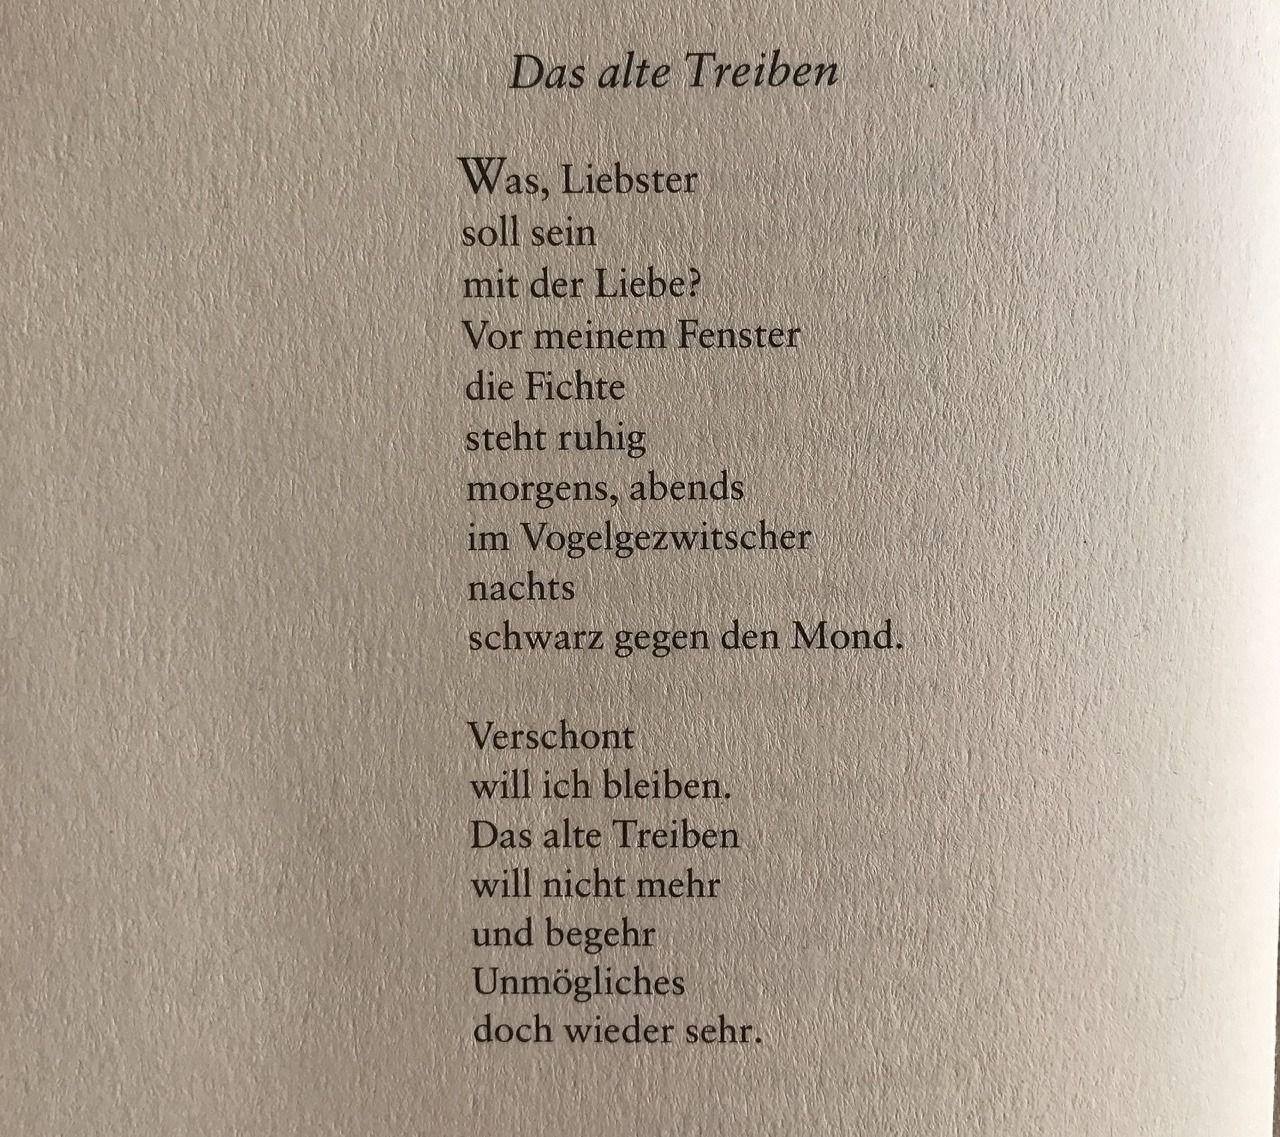 Pin von Gold Panda auf Deutsch - -Zitaten - - usw | Zitate